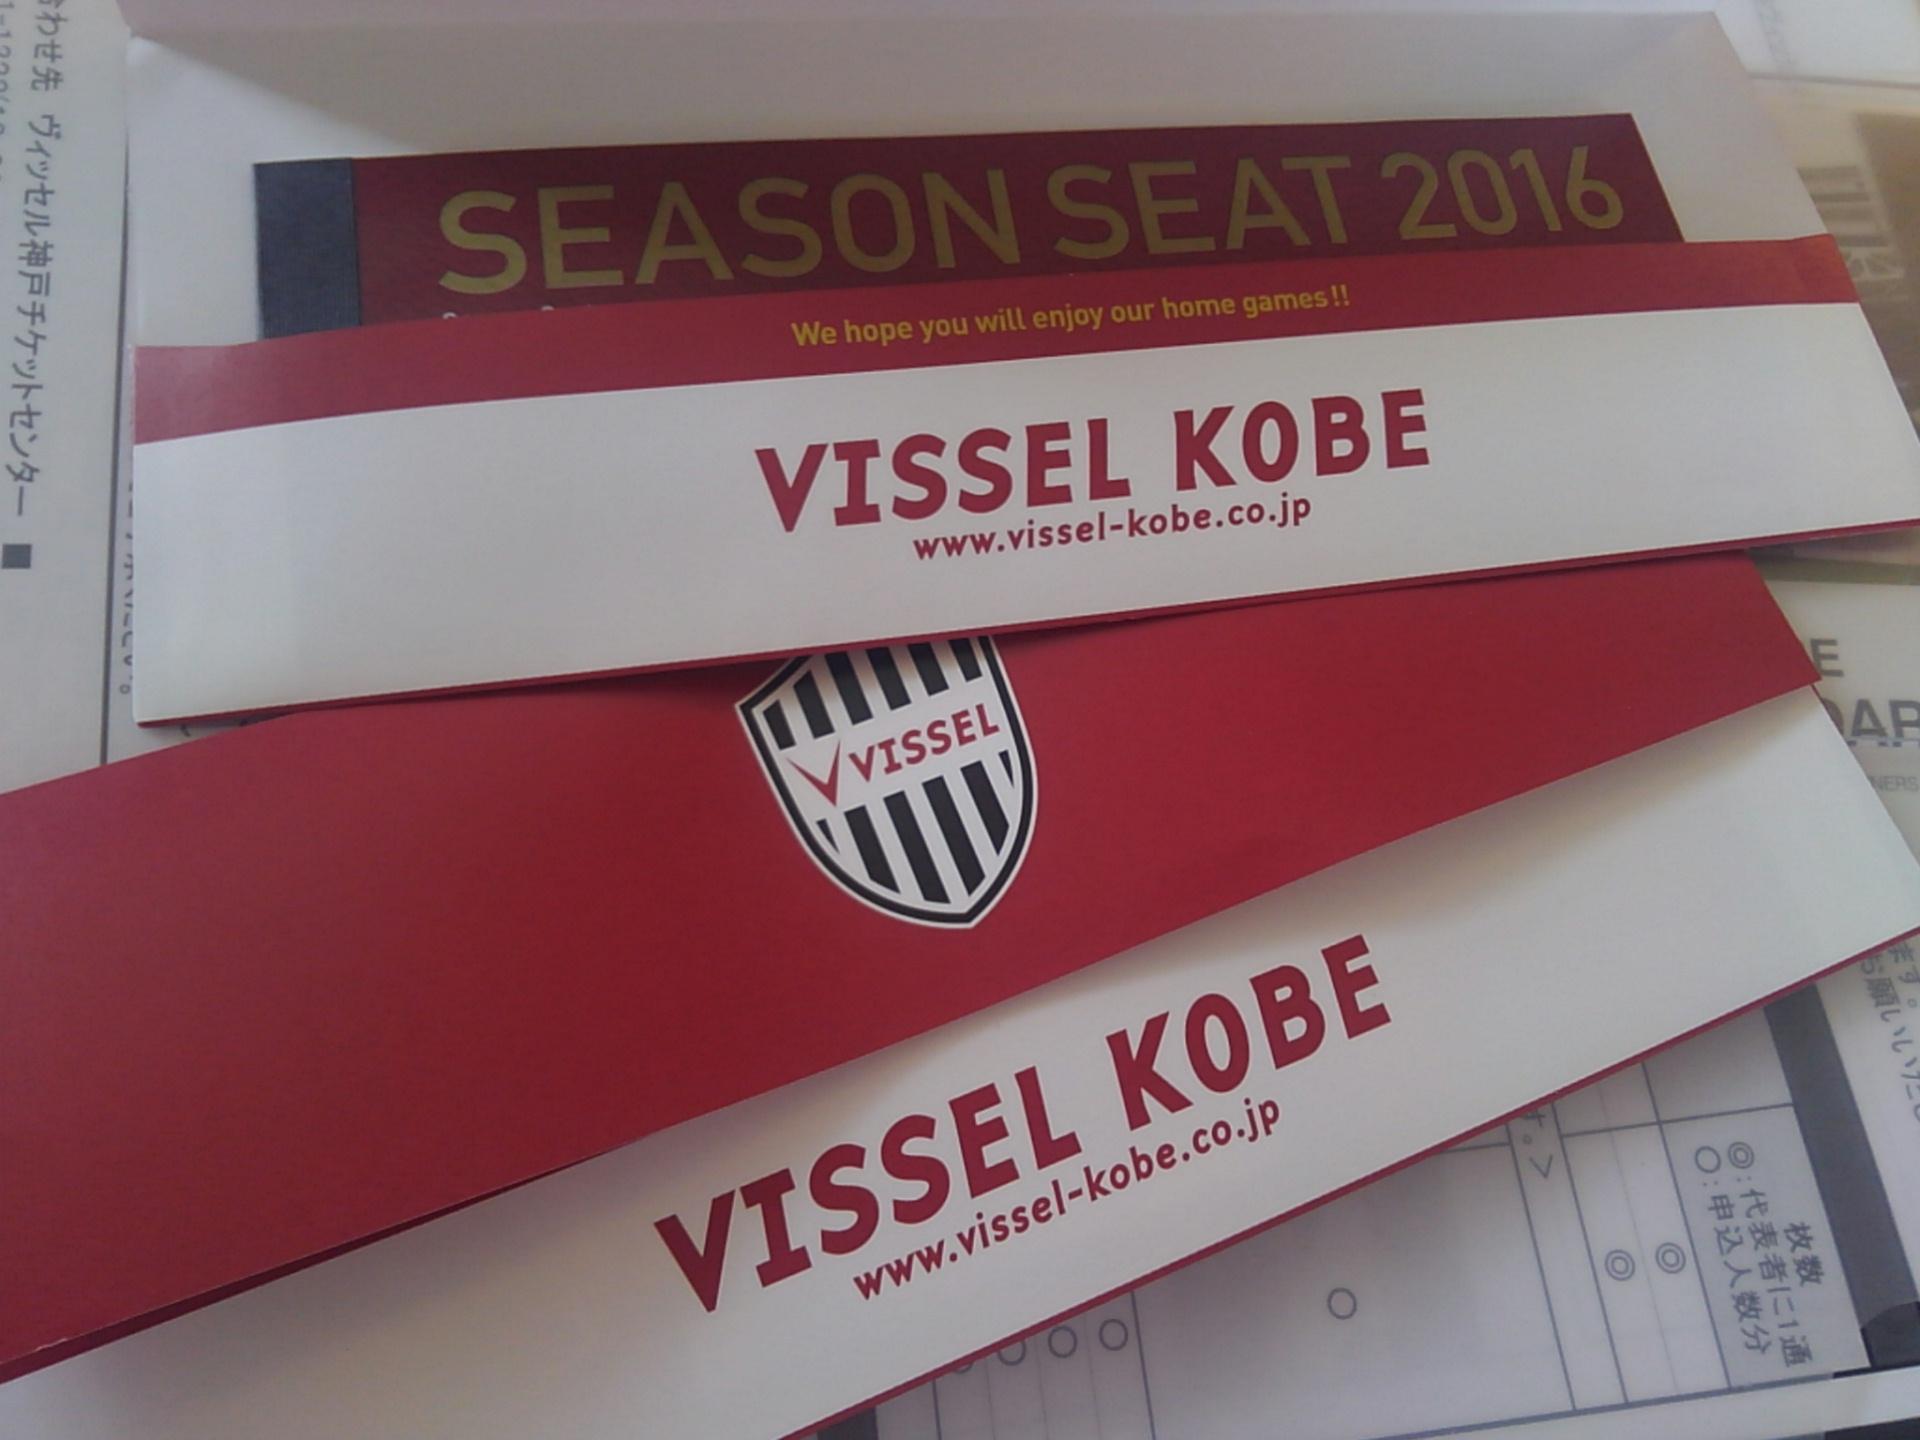 ヴィッセル神戸 シーズンチケット!